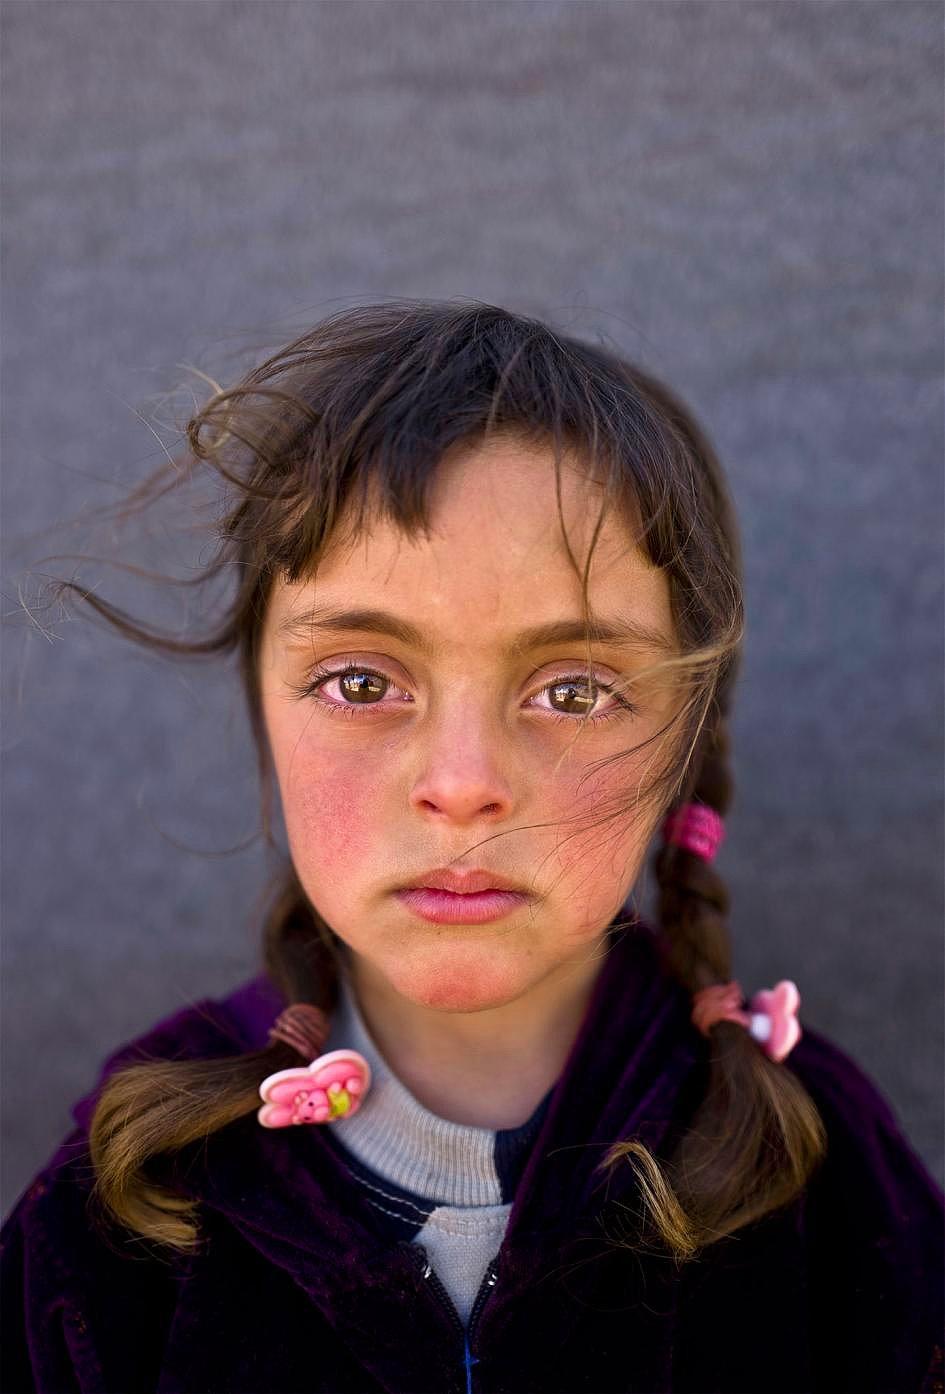 Savaşın Acısı Onların Gözlerinde 1